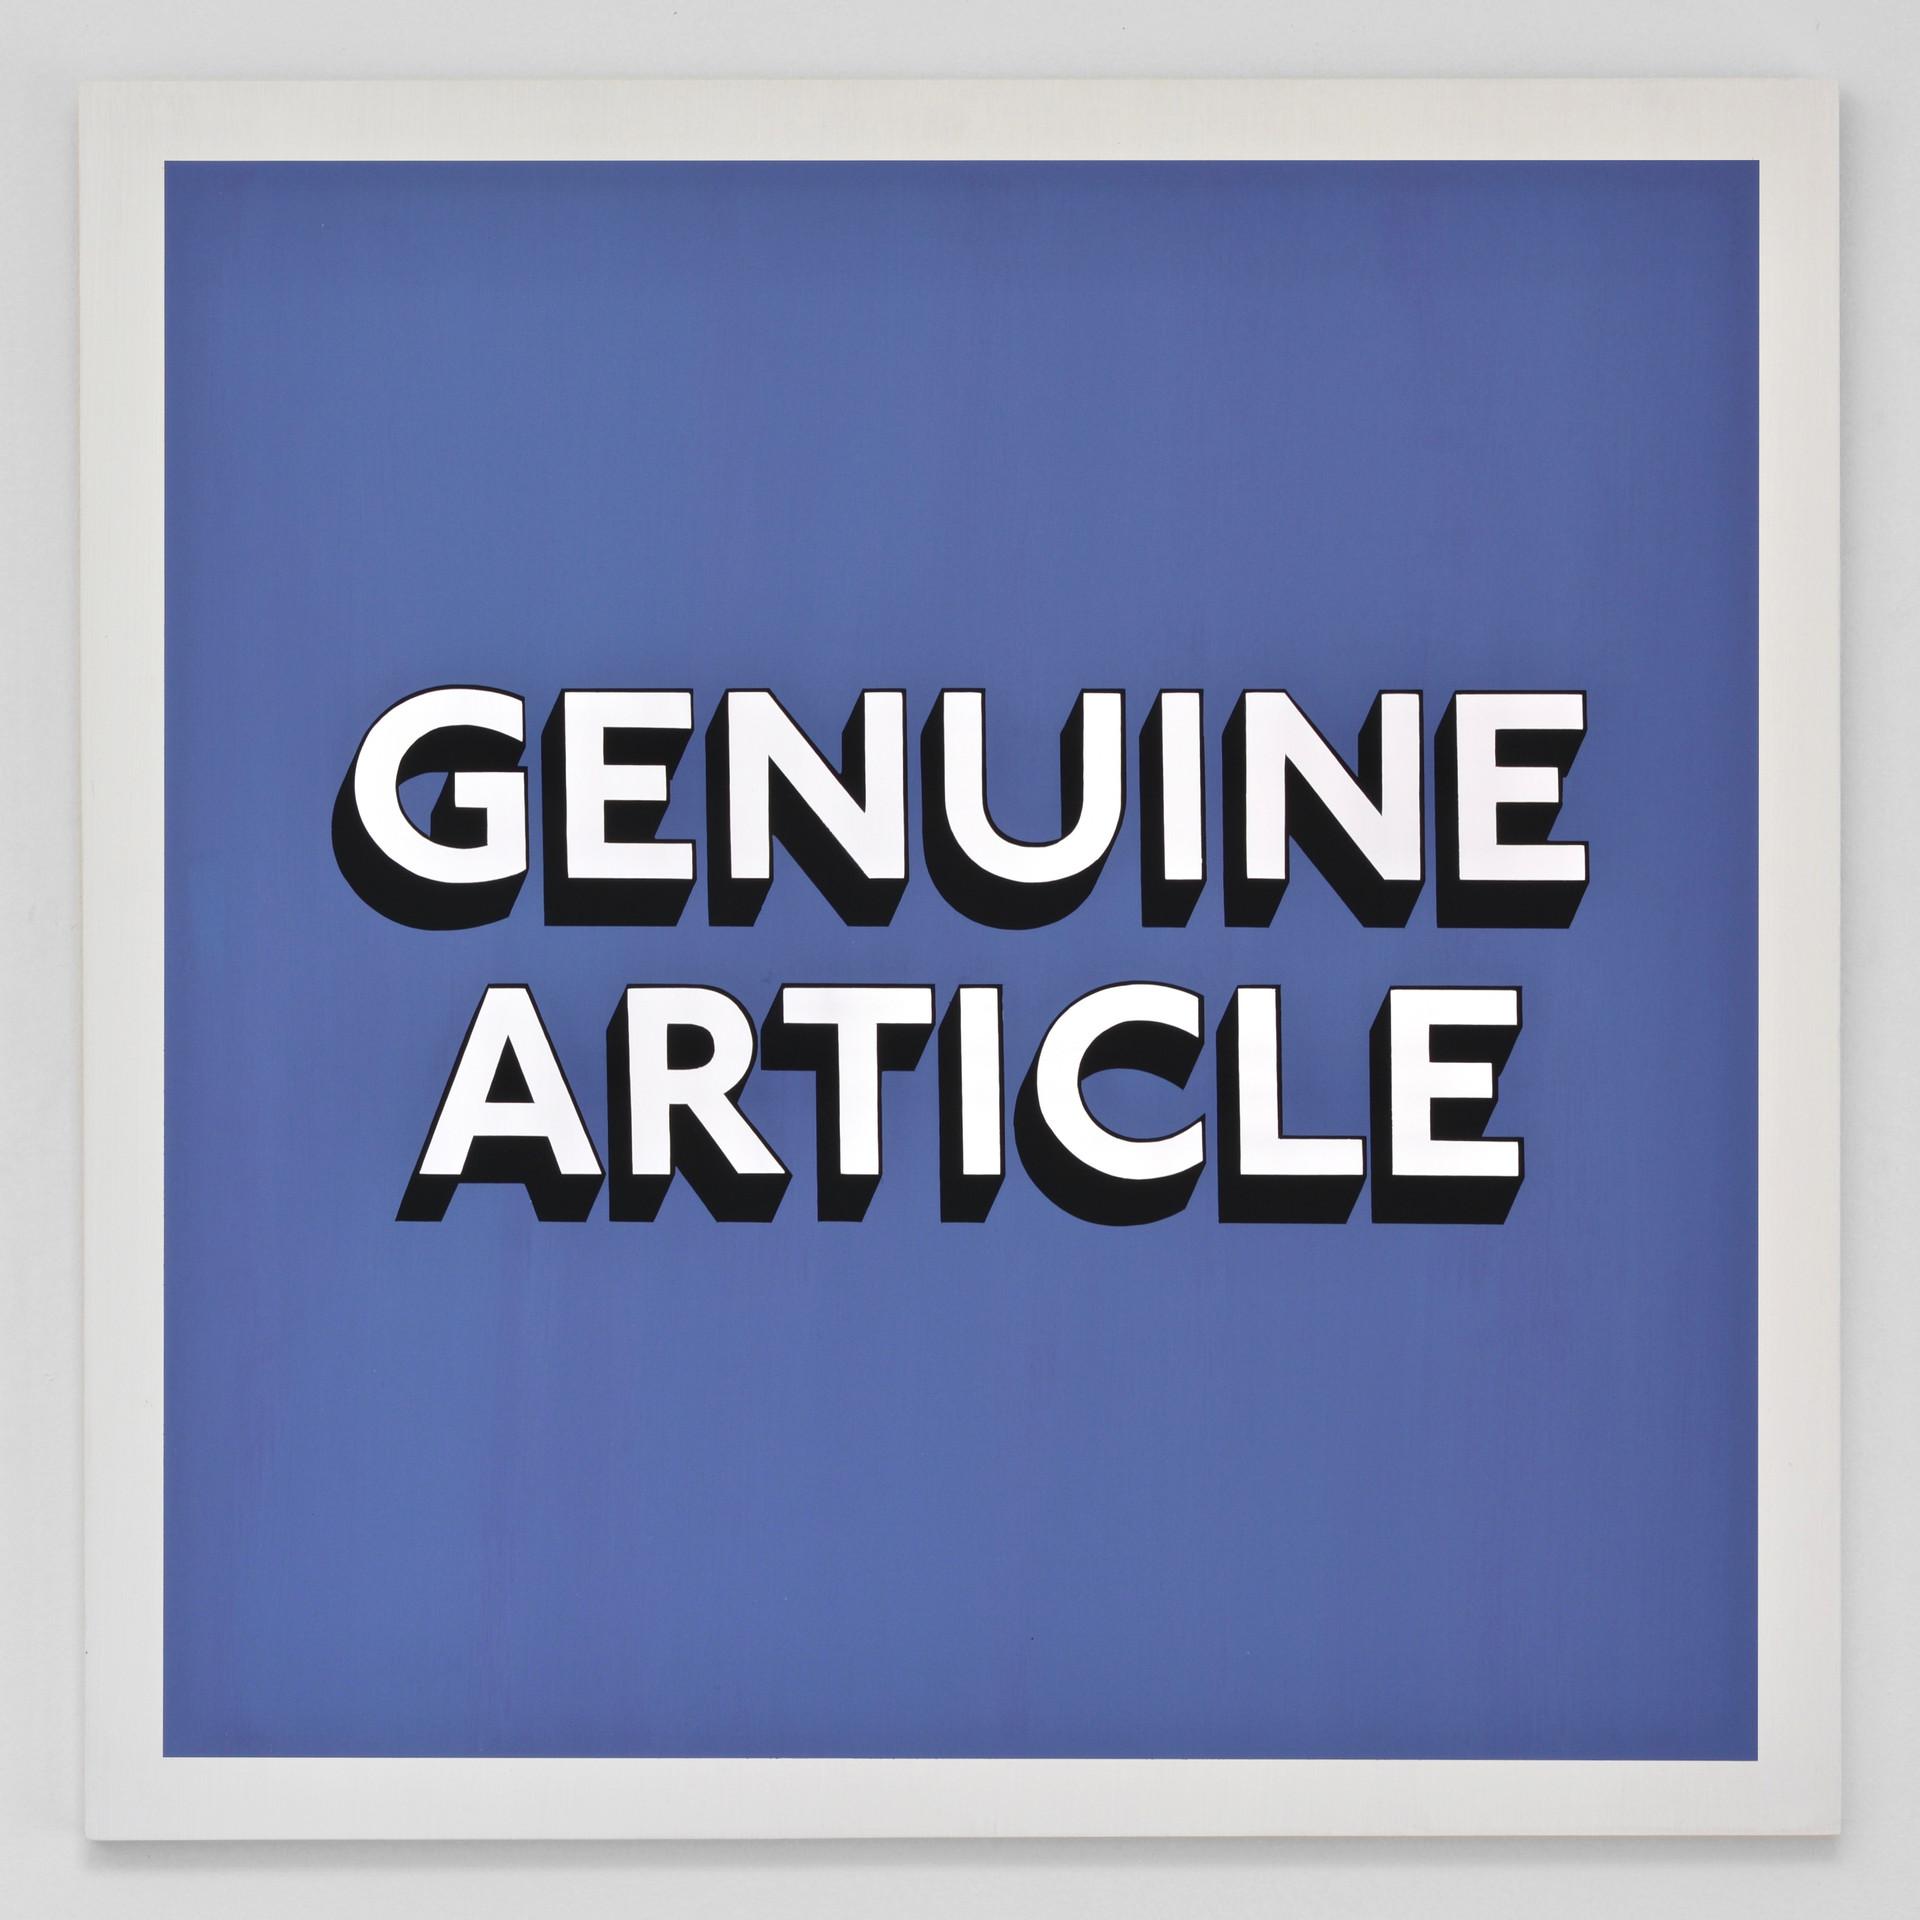 GENUINE_ARTICLE.jpg